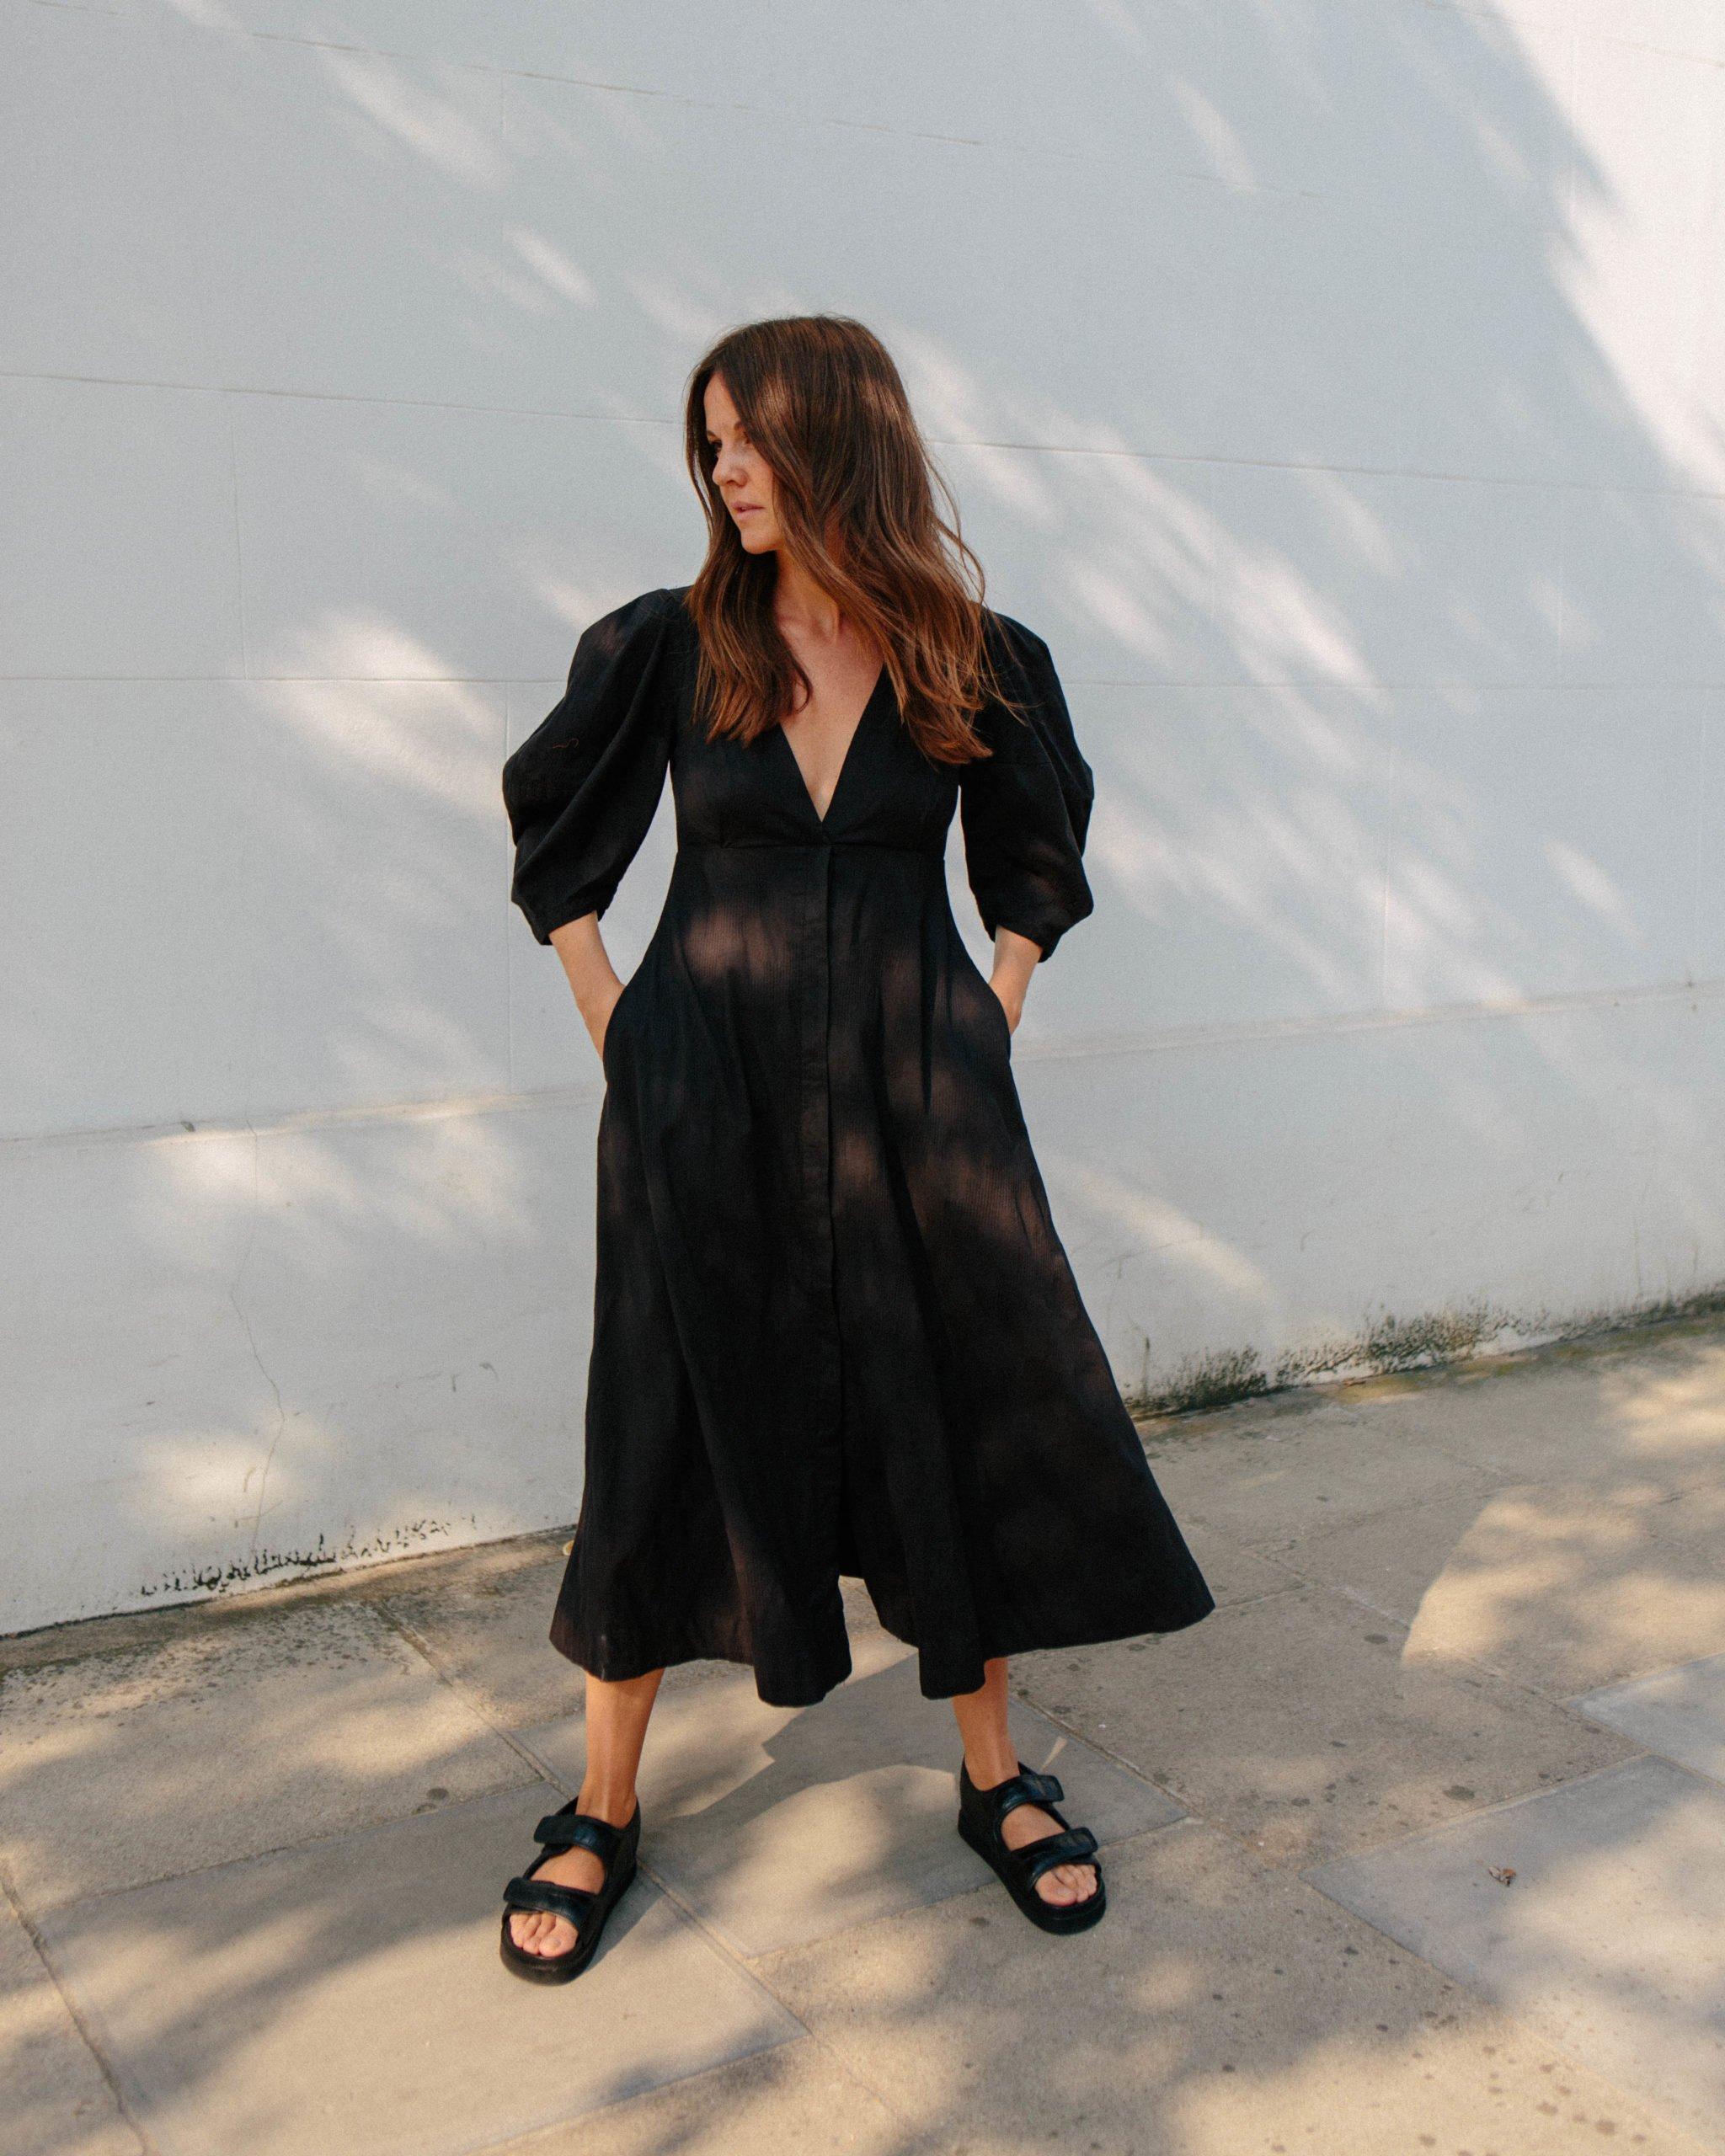 A Week of Outfits: Kim Turkington